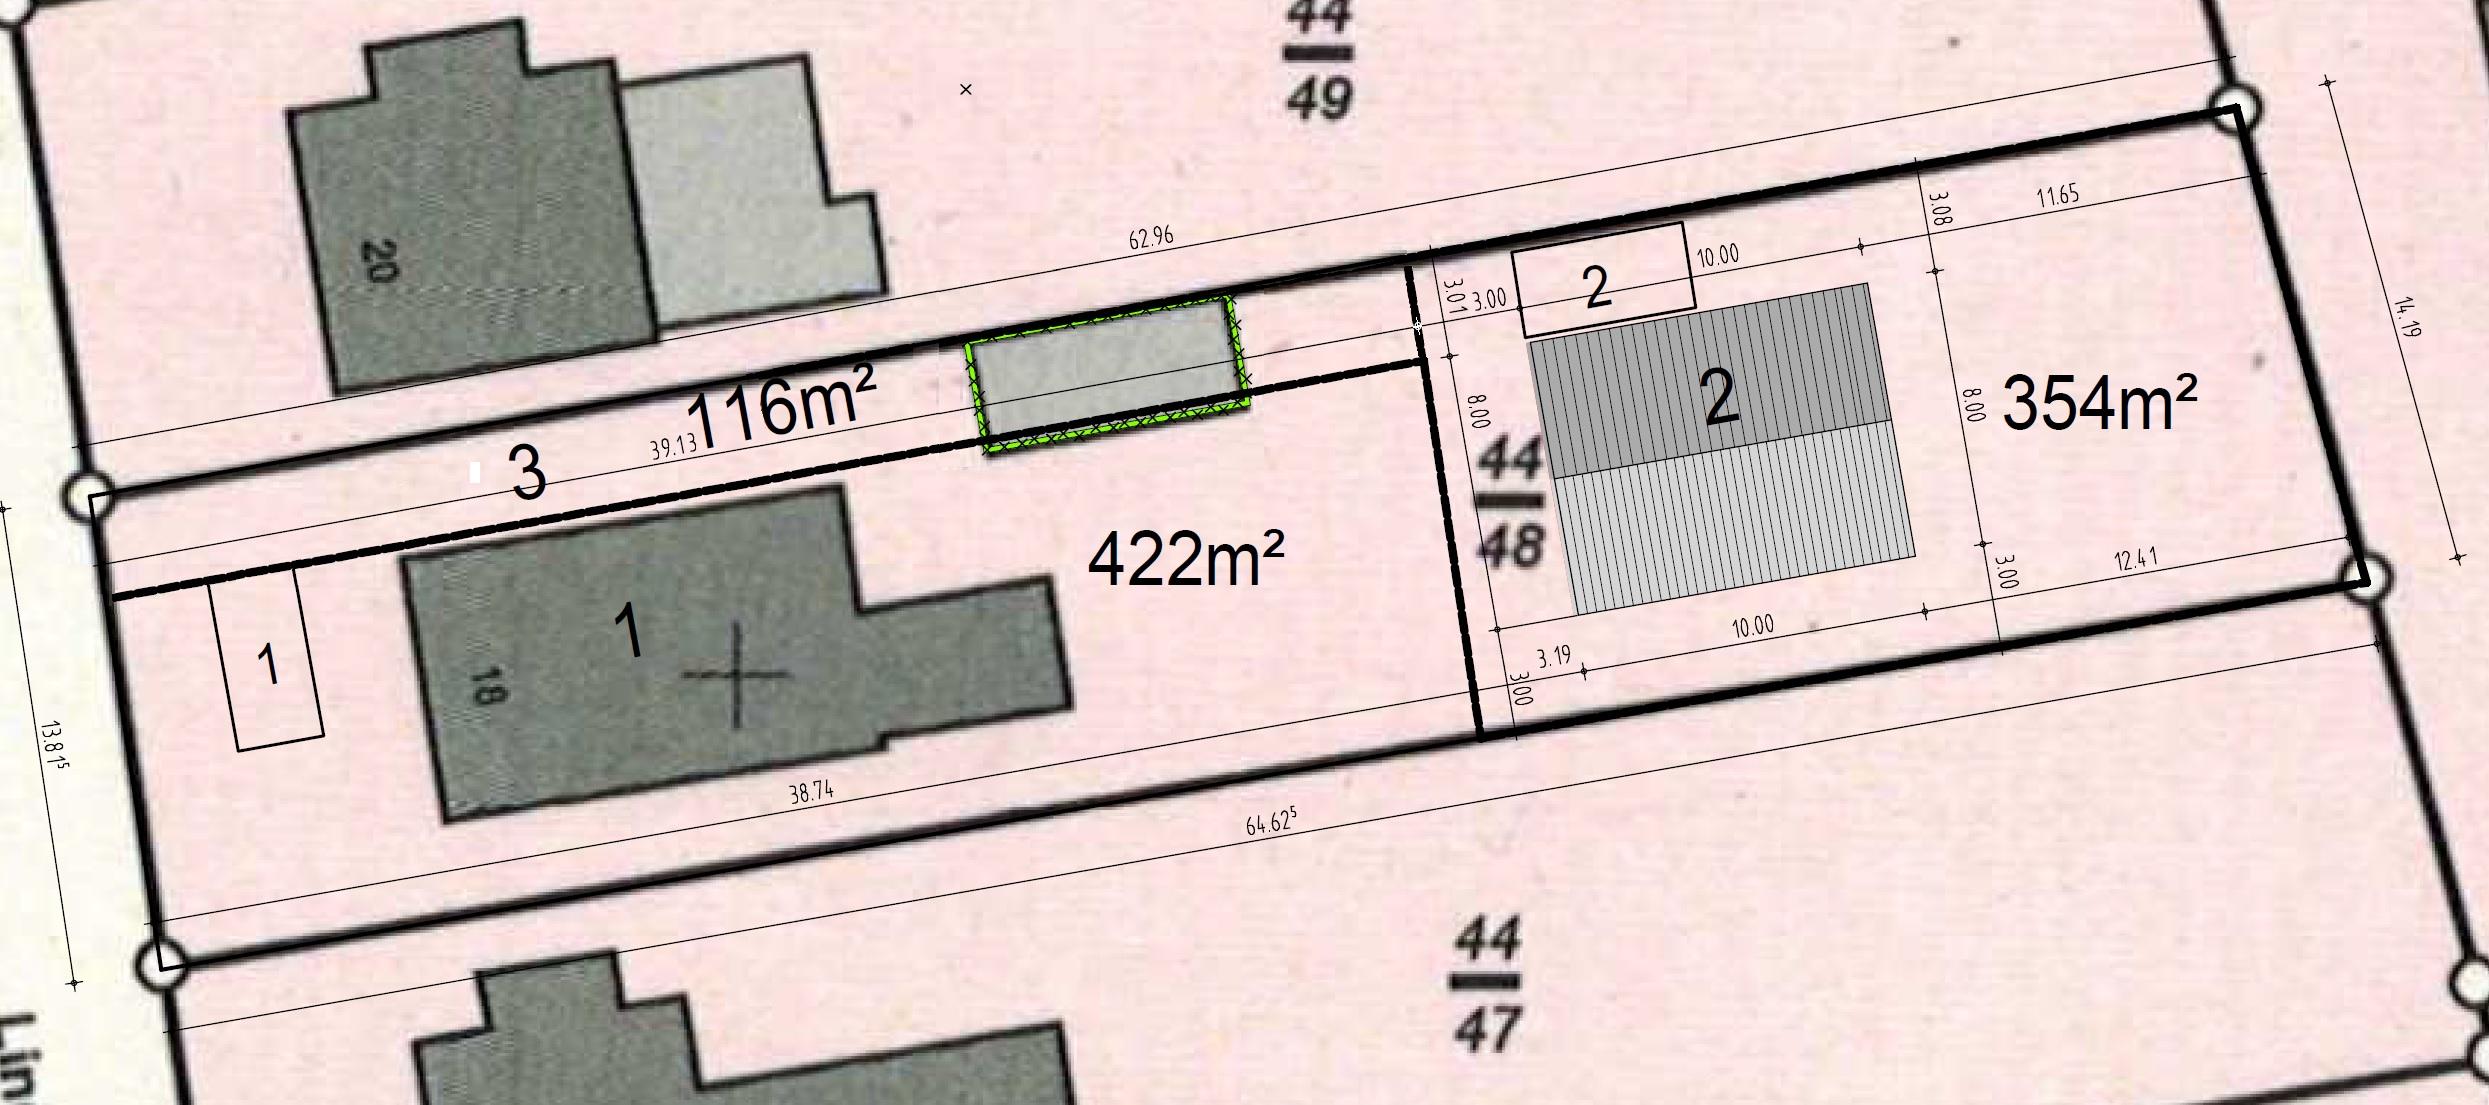 Sie benötigen Hilfe bei Prüfung der baulichen Möglichkeiten oder bei der Projektierung Ihres Grundstücks?